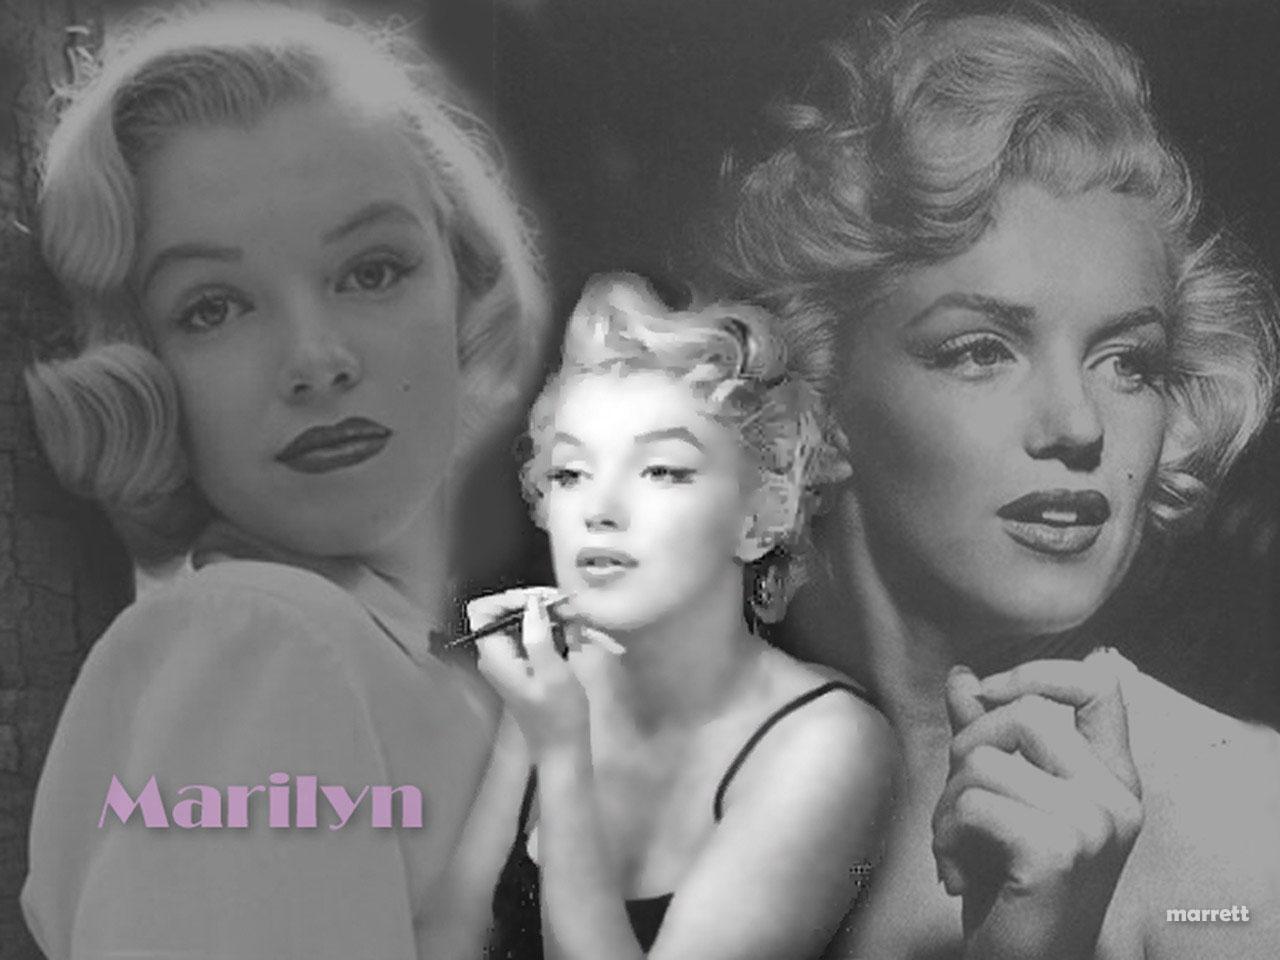 http://1.bp.blogspot.com/_YiHS5Vas61Y/SoRLw1sLAWI/AAAAAAAAKKw/EbaQ1LUS1cg/s1600/Marilyn-Monroe-wallpaper-1280.jpg